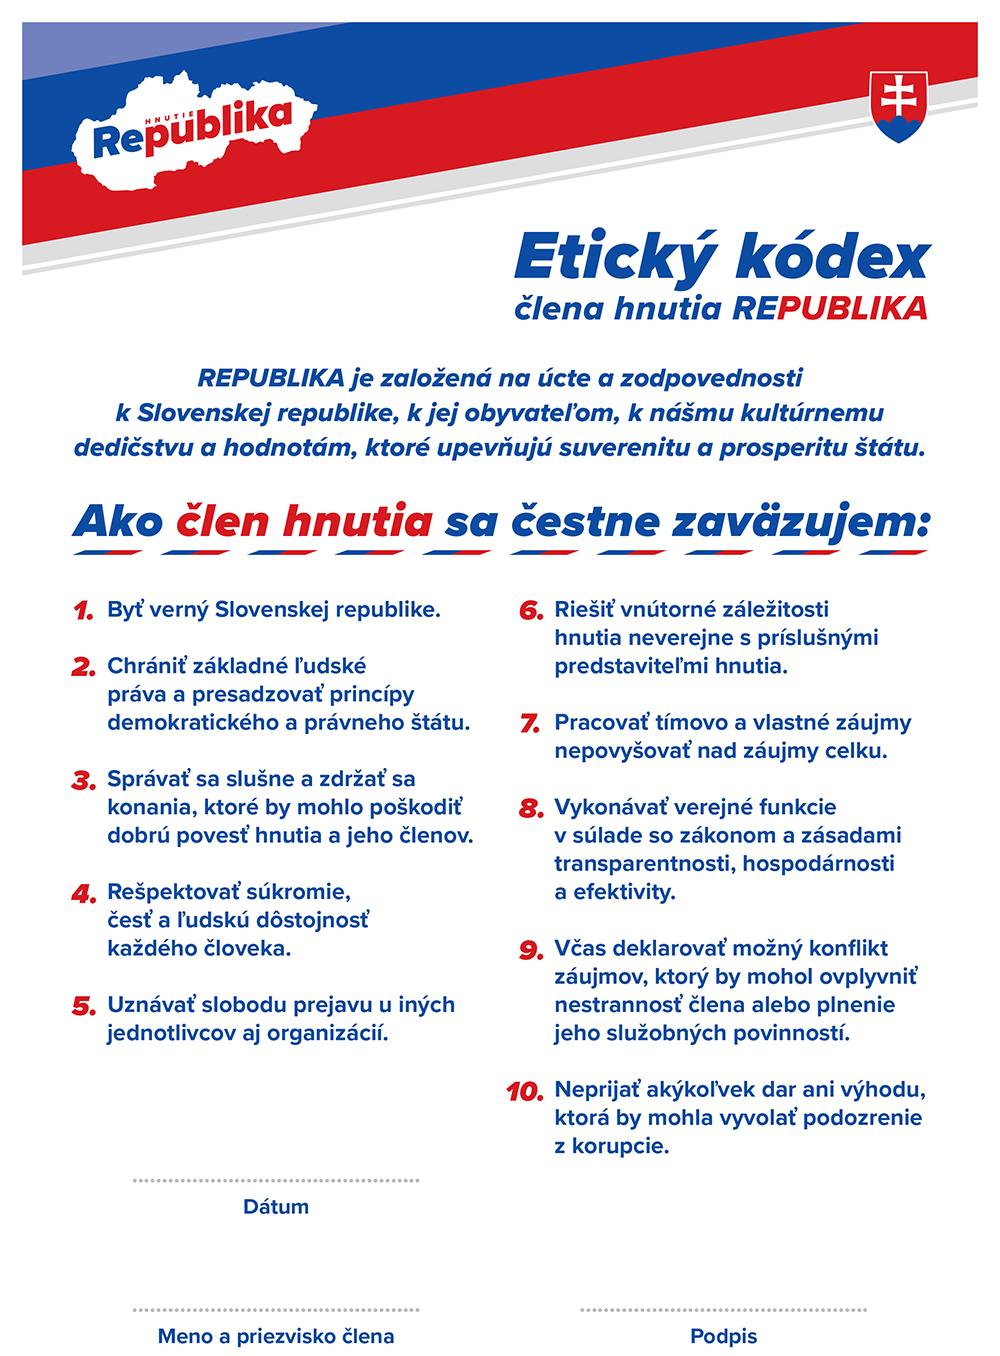 Etický kódex člena REPUBLIKY